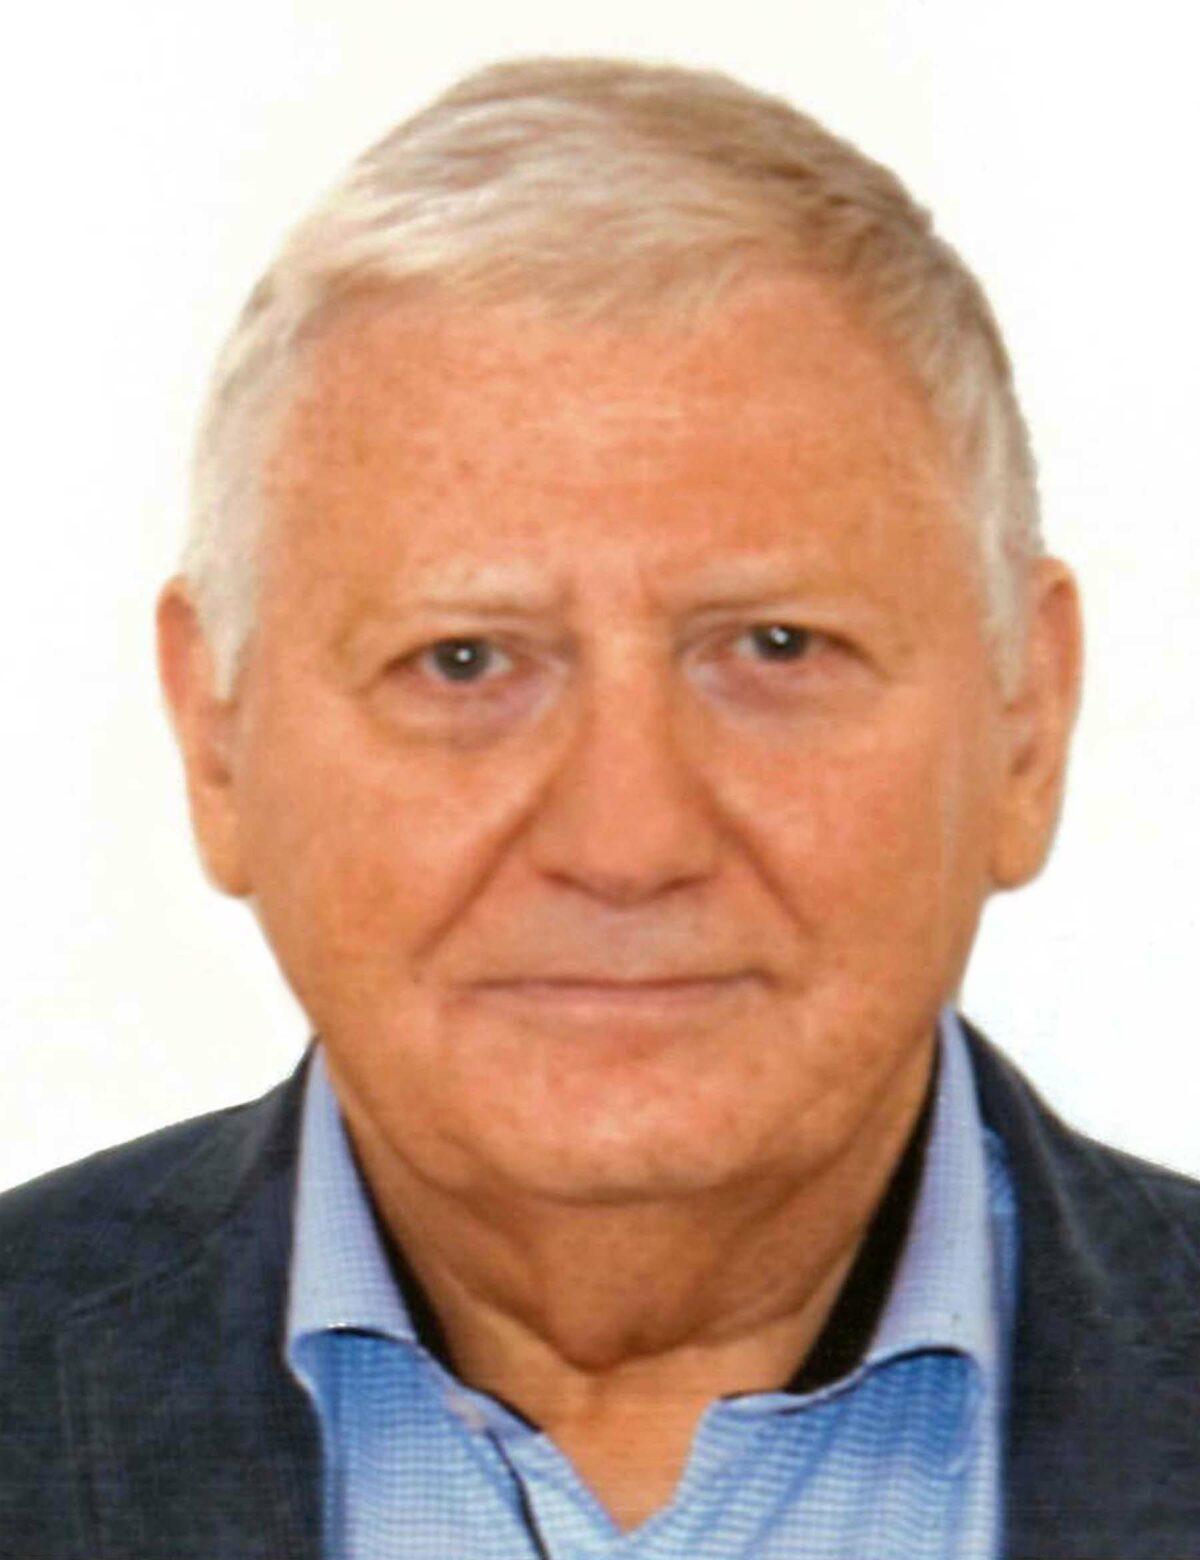 Paul Cleuren